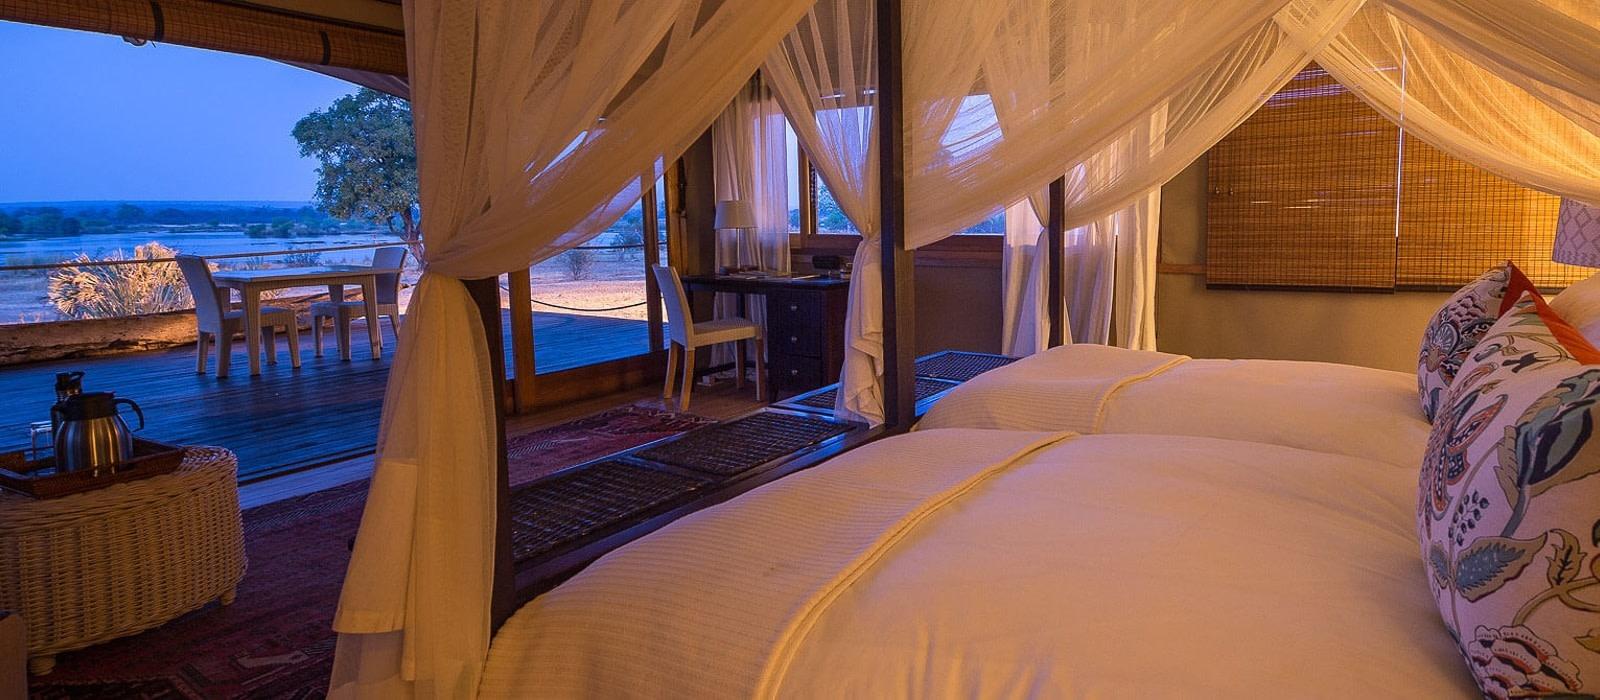 Hotel Toka Leya Sambia